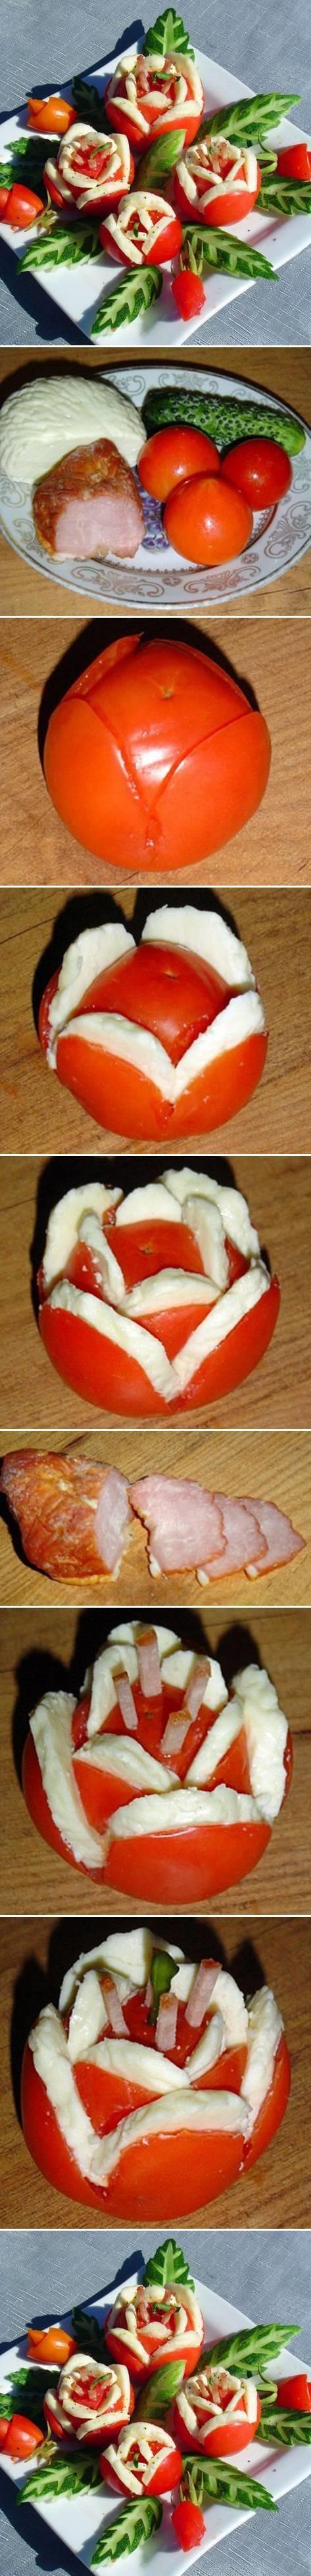 DIY-Tomato-Dish-Decor